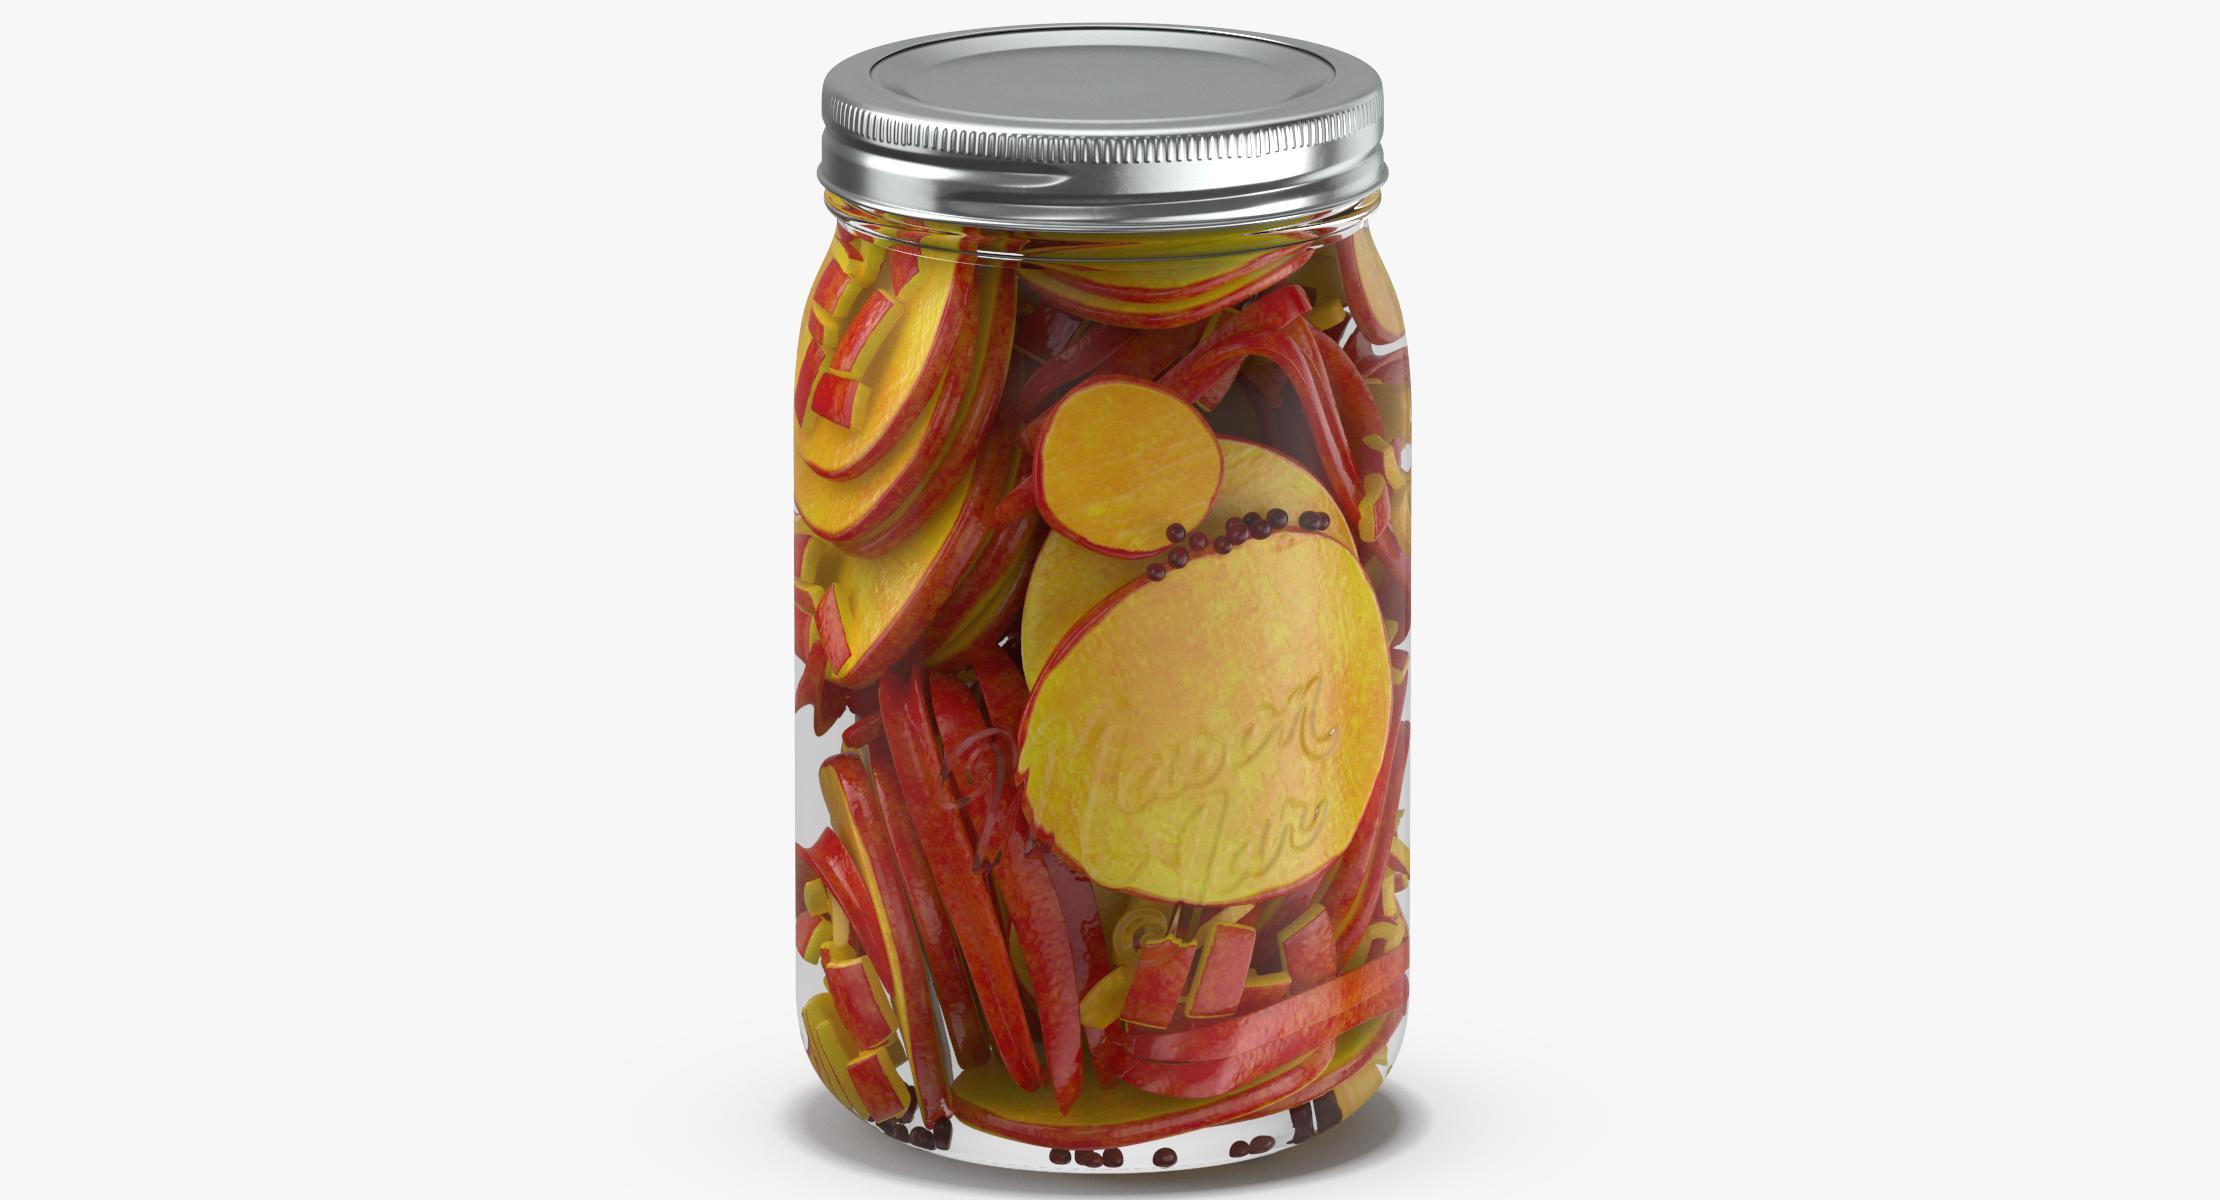 Pickled Jar 04 - reel 1